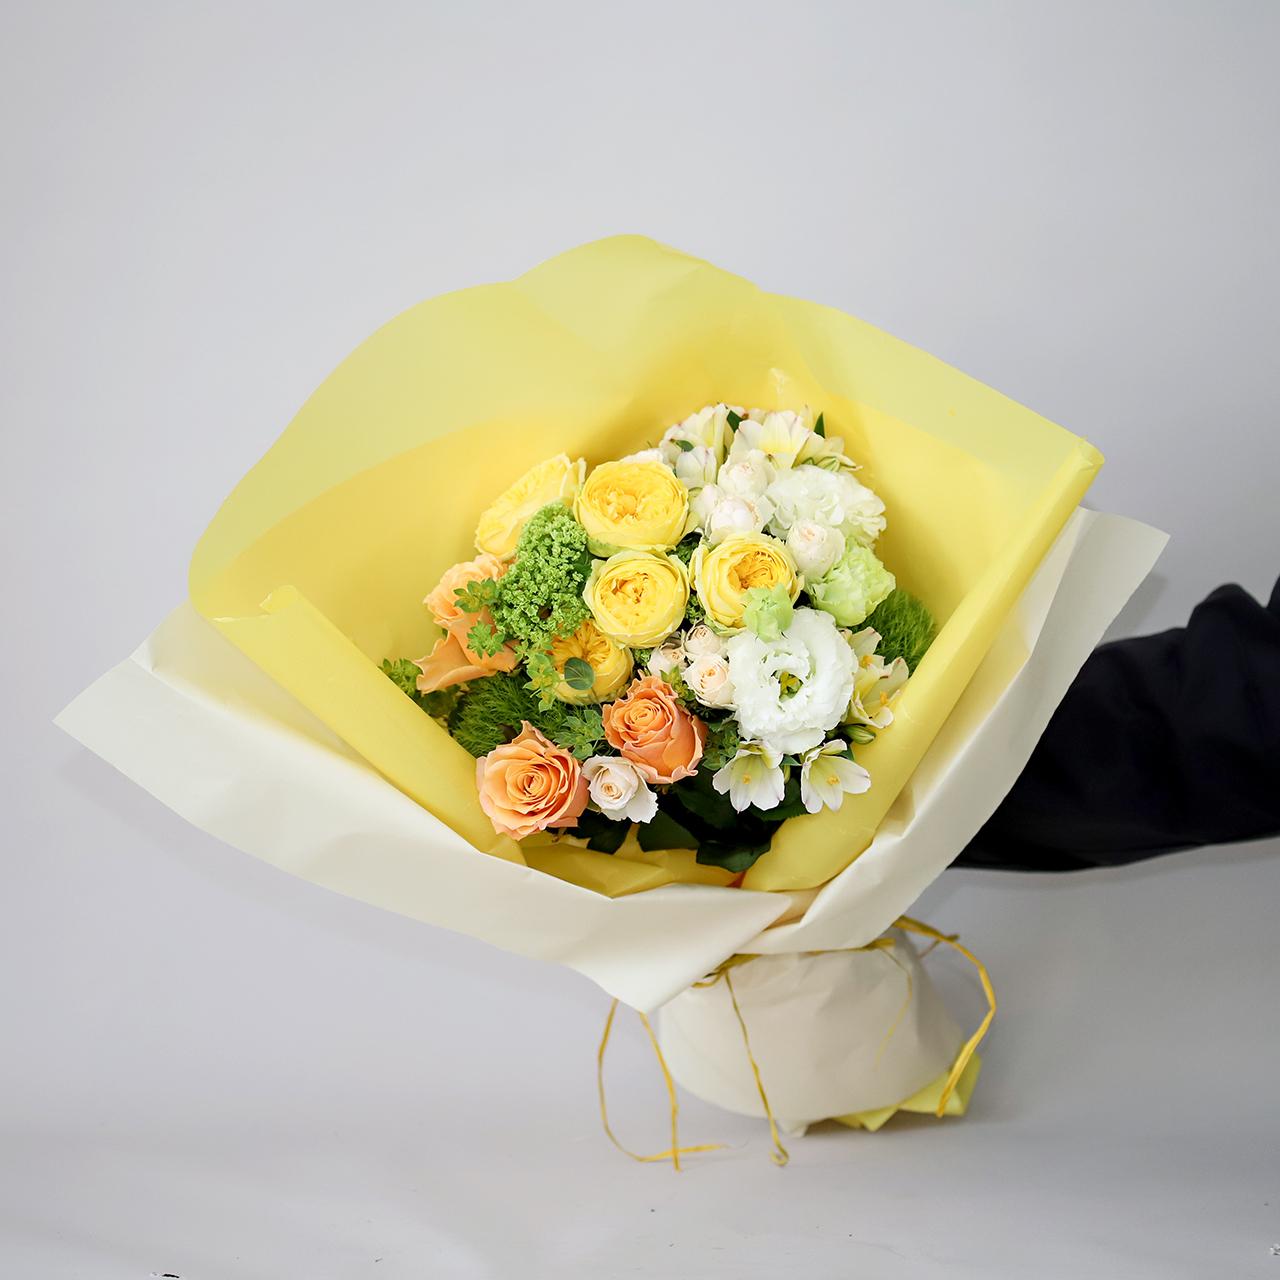 気持ちと季節の花束 - Small -